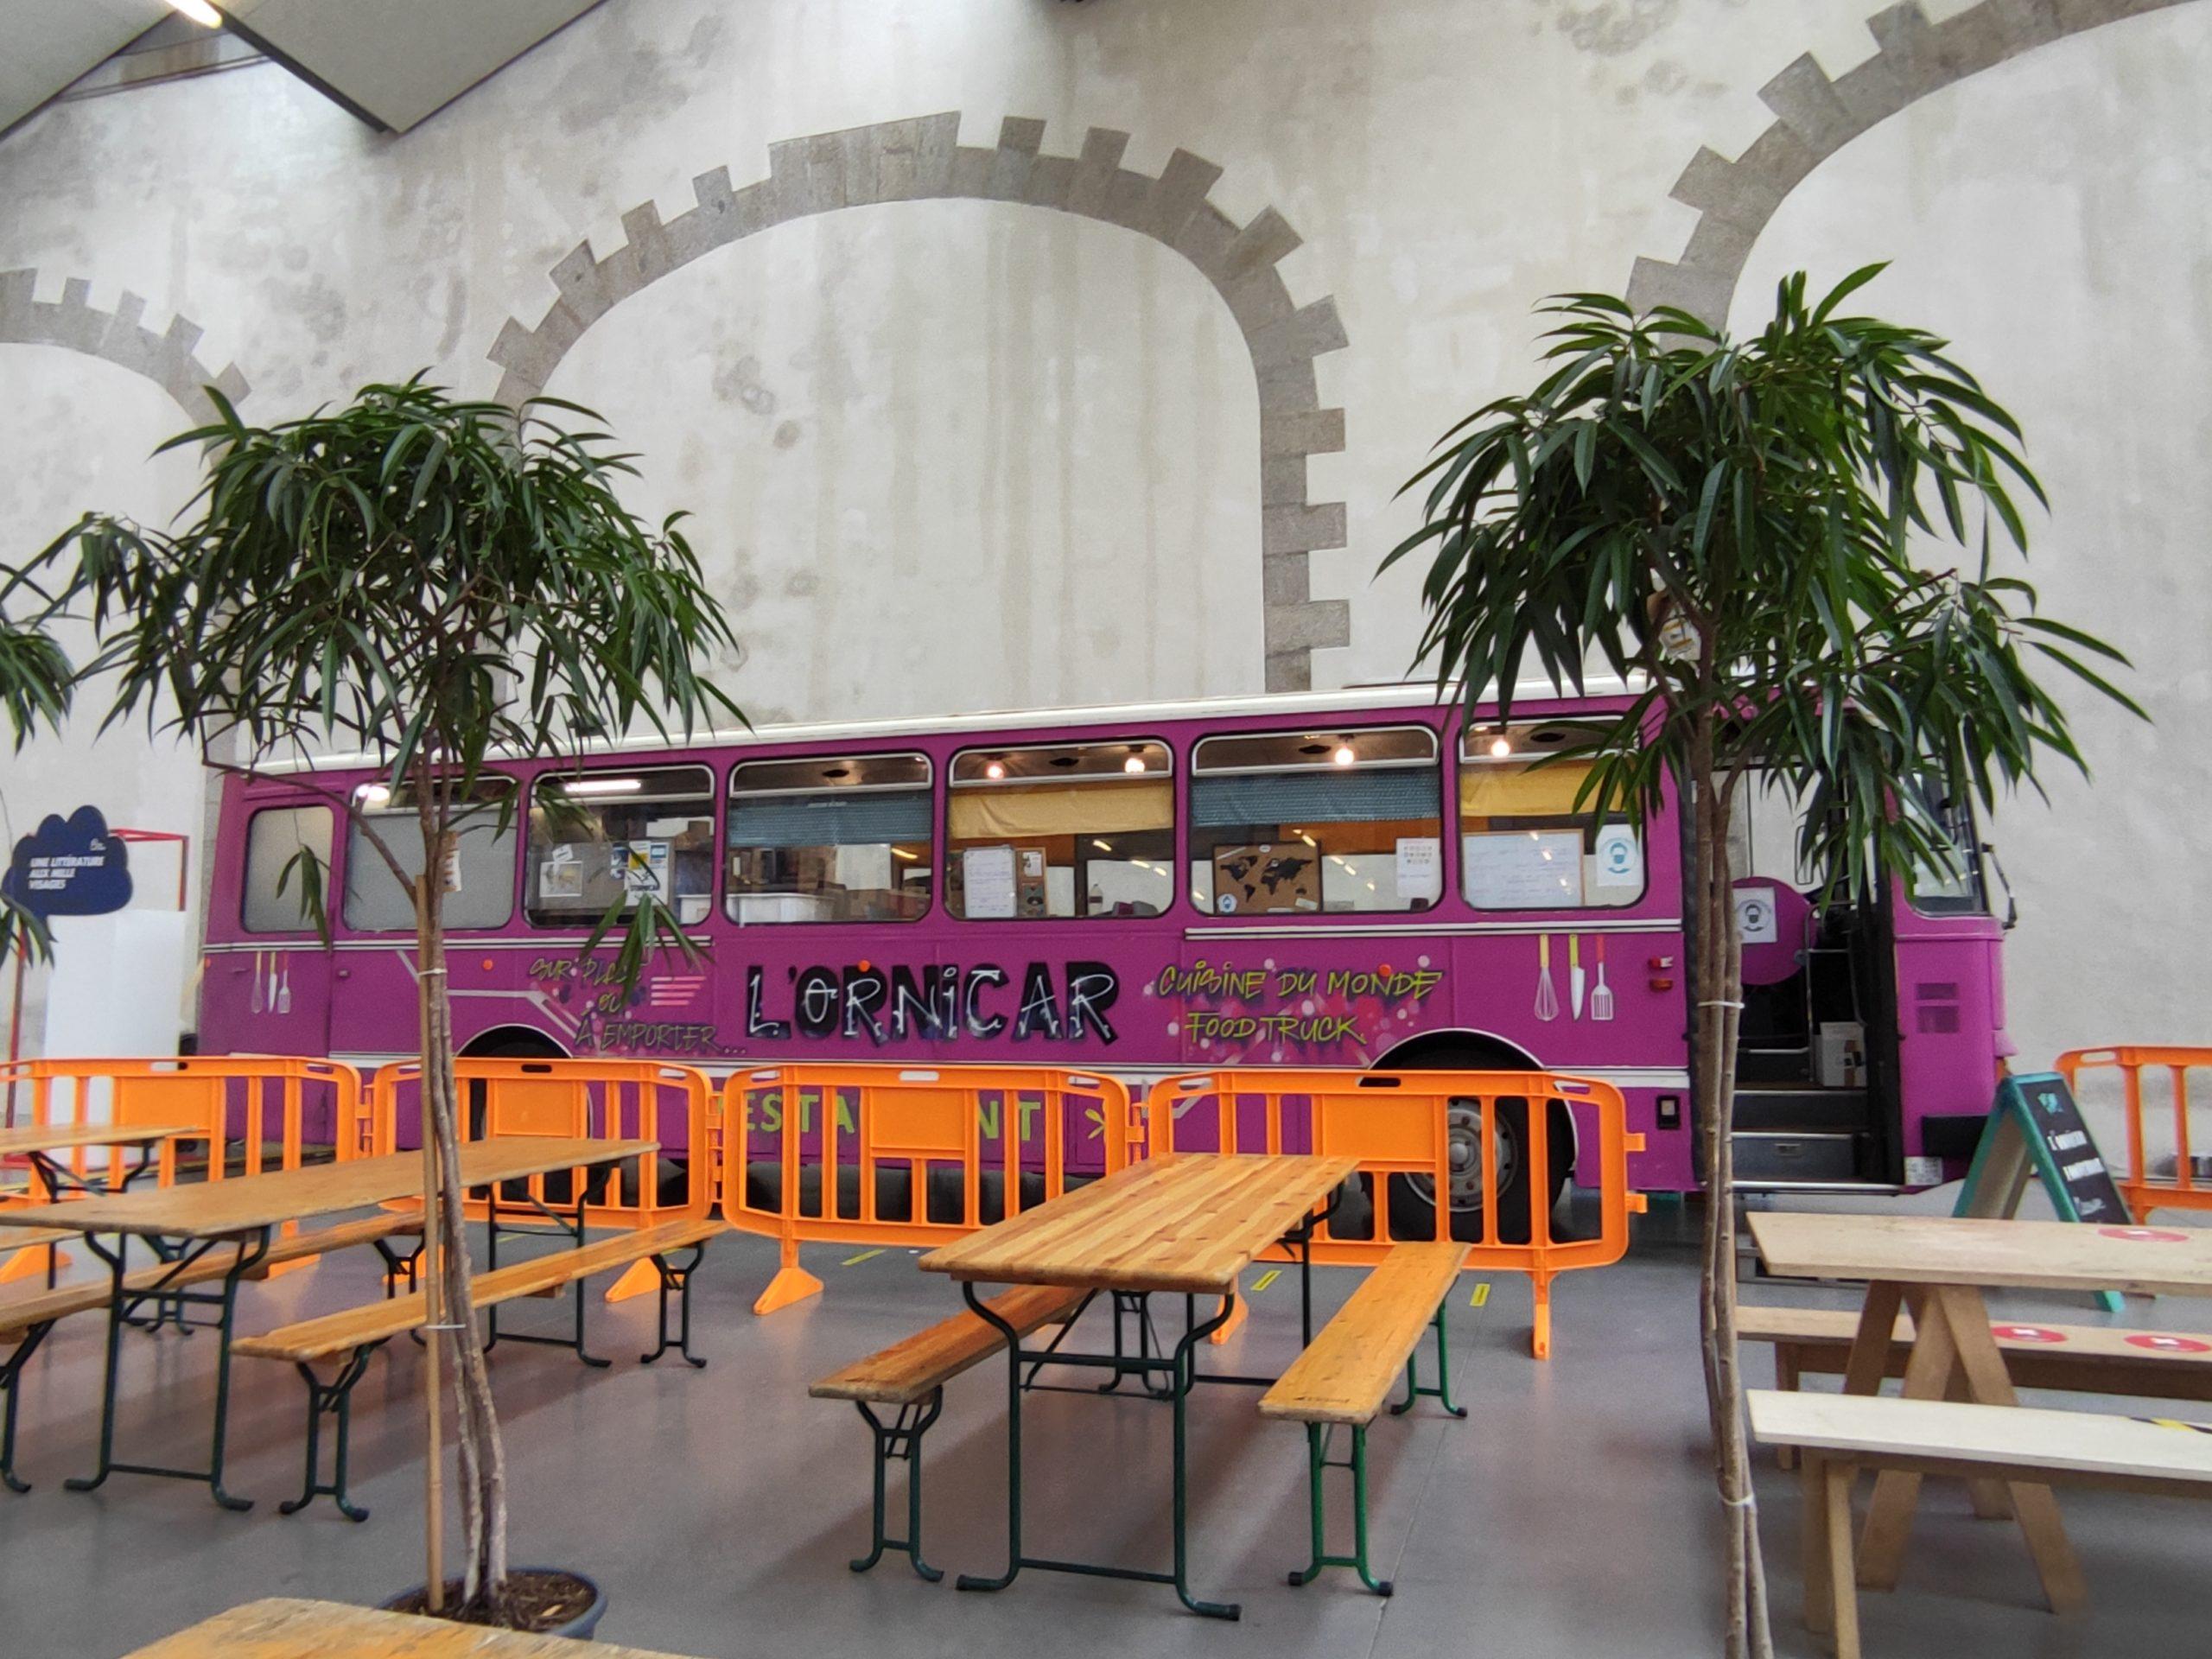 l'ornicar foodtruck au Capucins à Brest